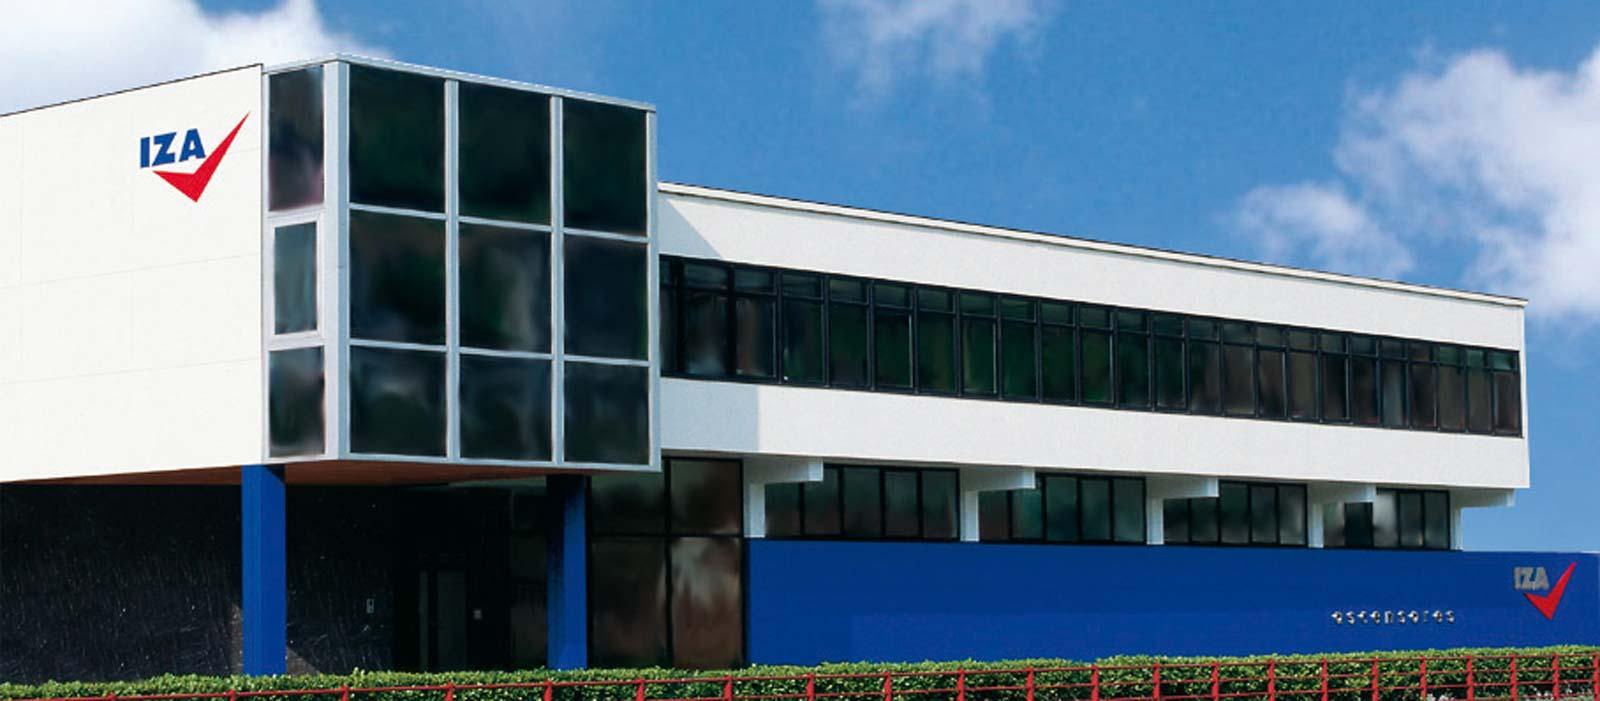 • IZA ASCENSORES asentará la expansión con la ampliación de su sede central